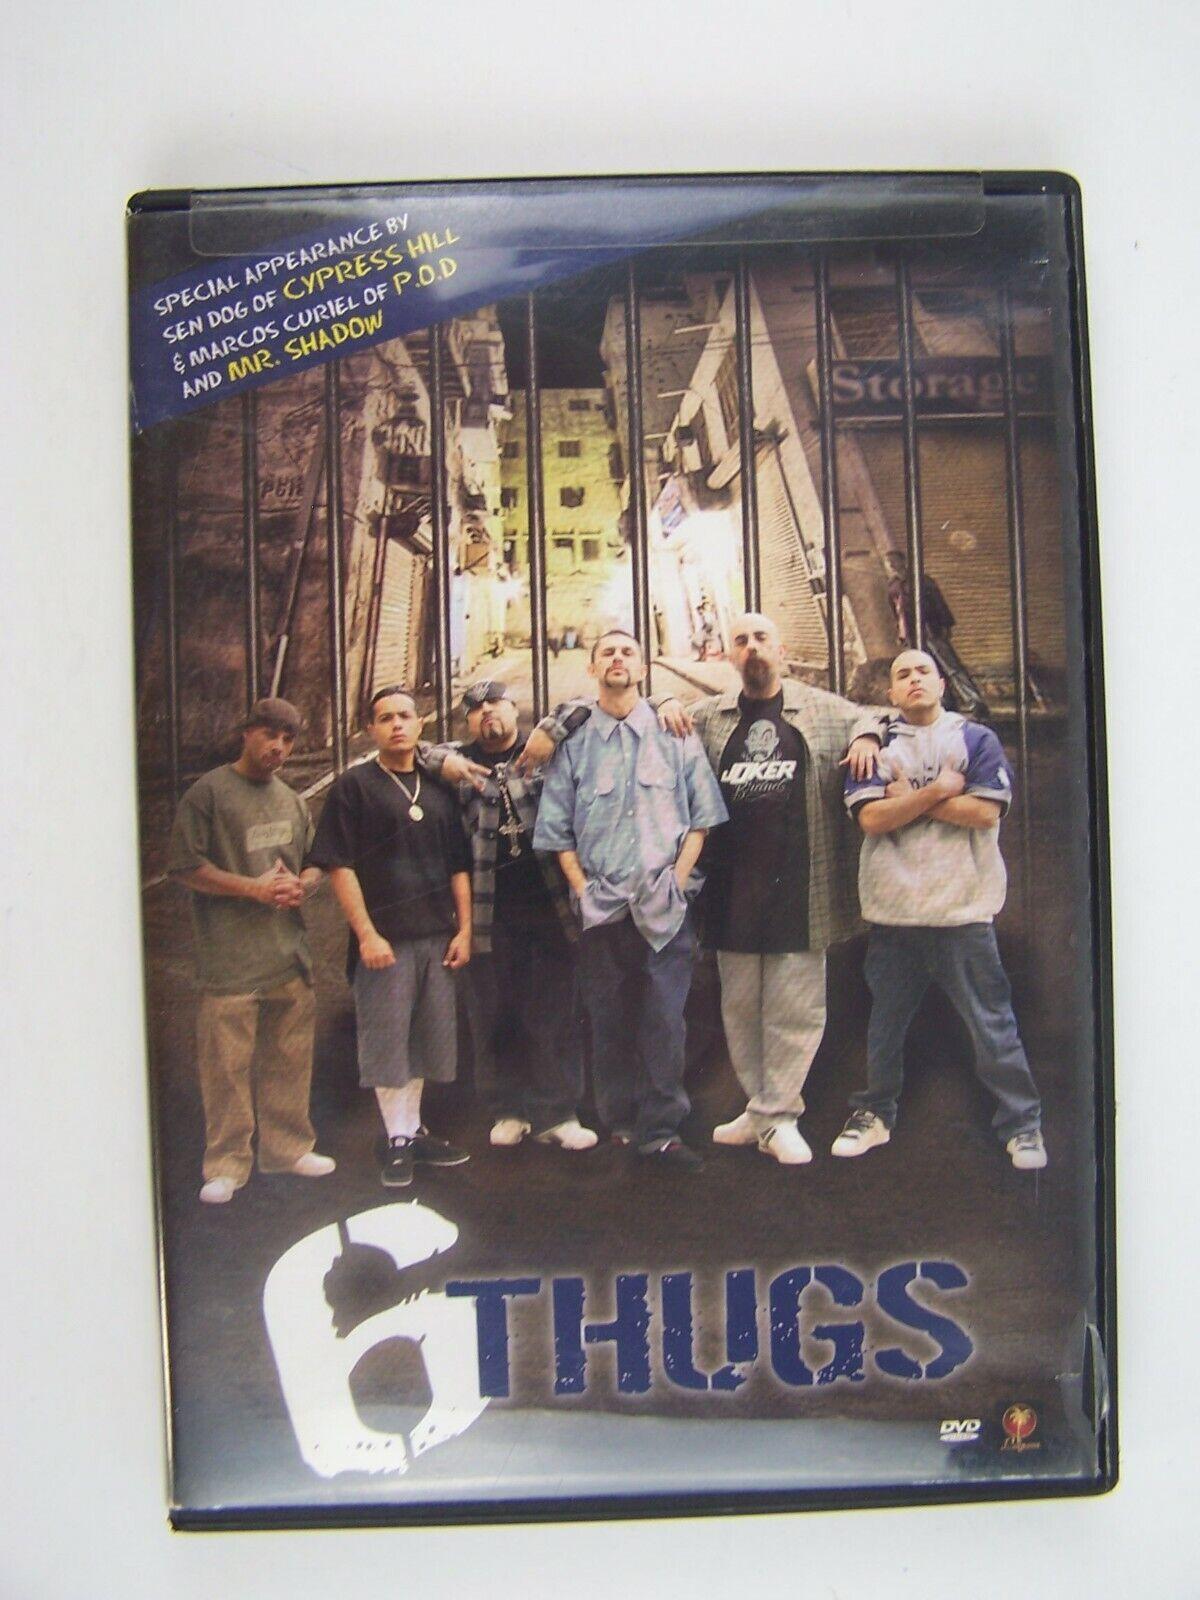 6 Thugs DVD 735978440656